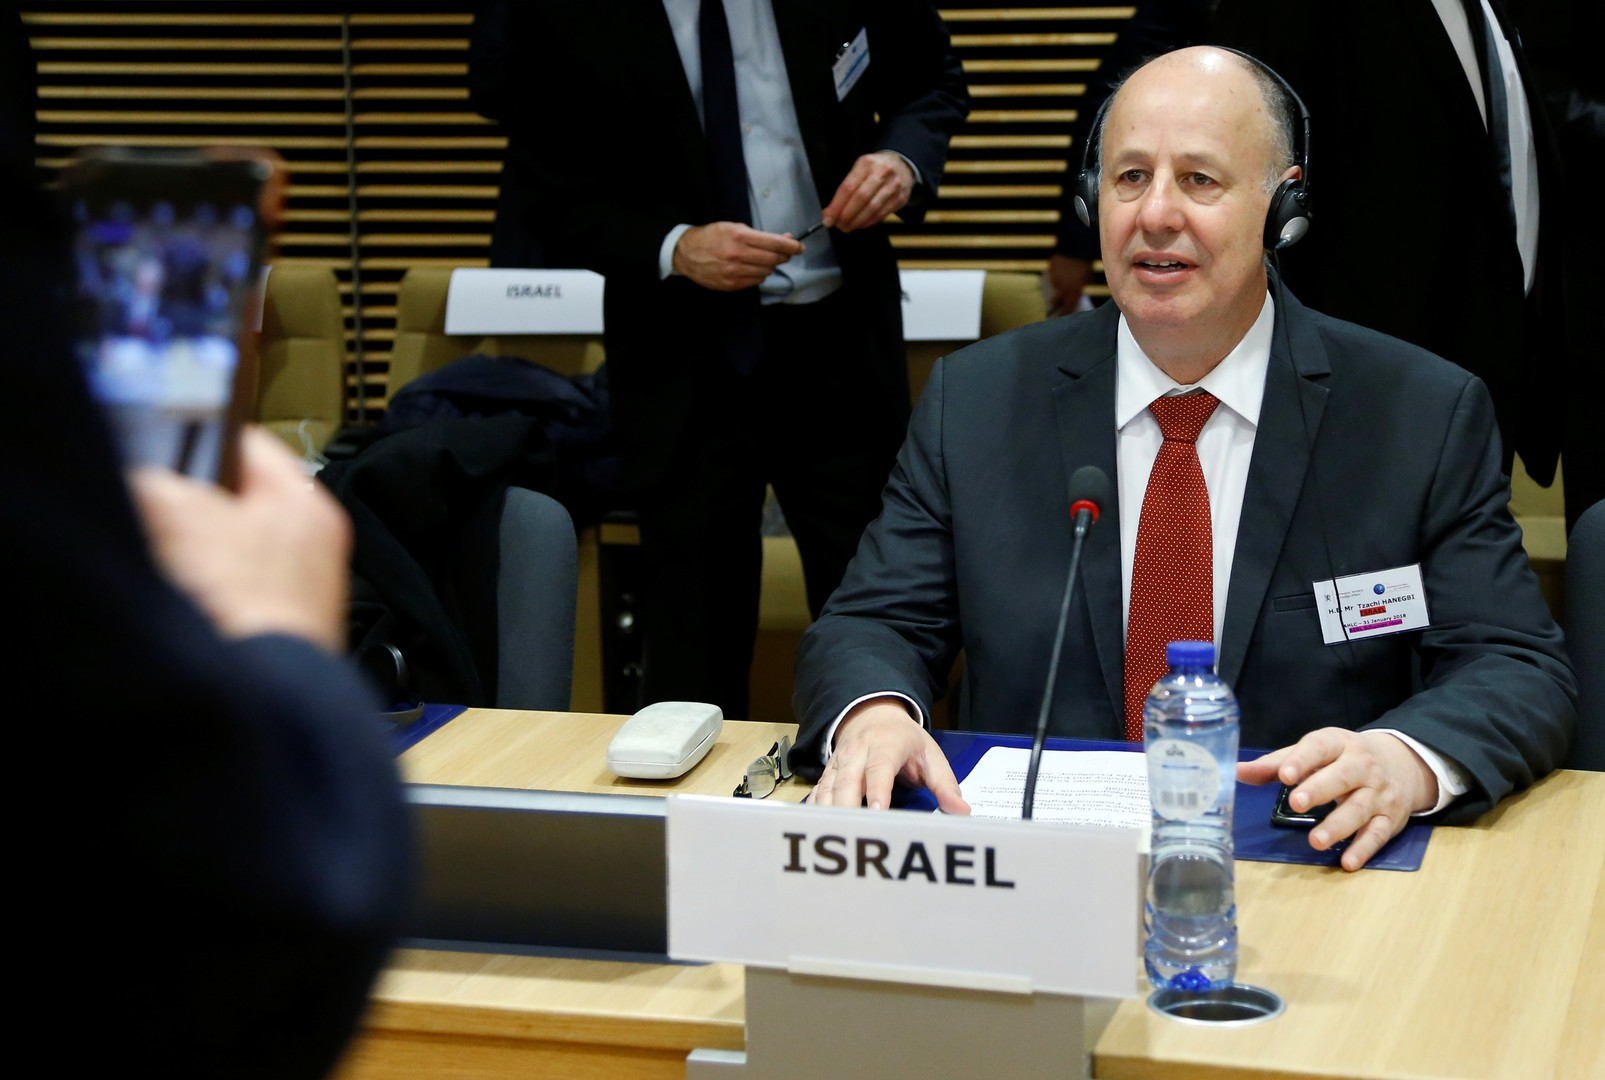 المحلل السياسي والكاتب الإسرائيلي شمعون آران